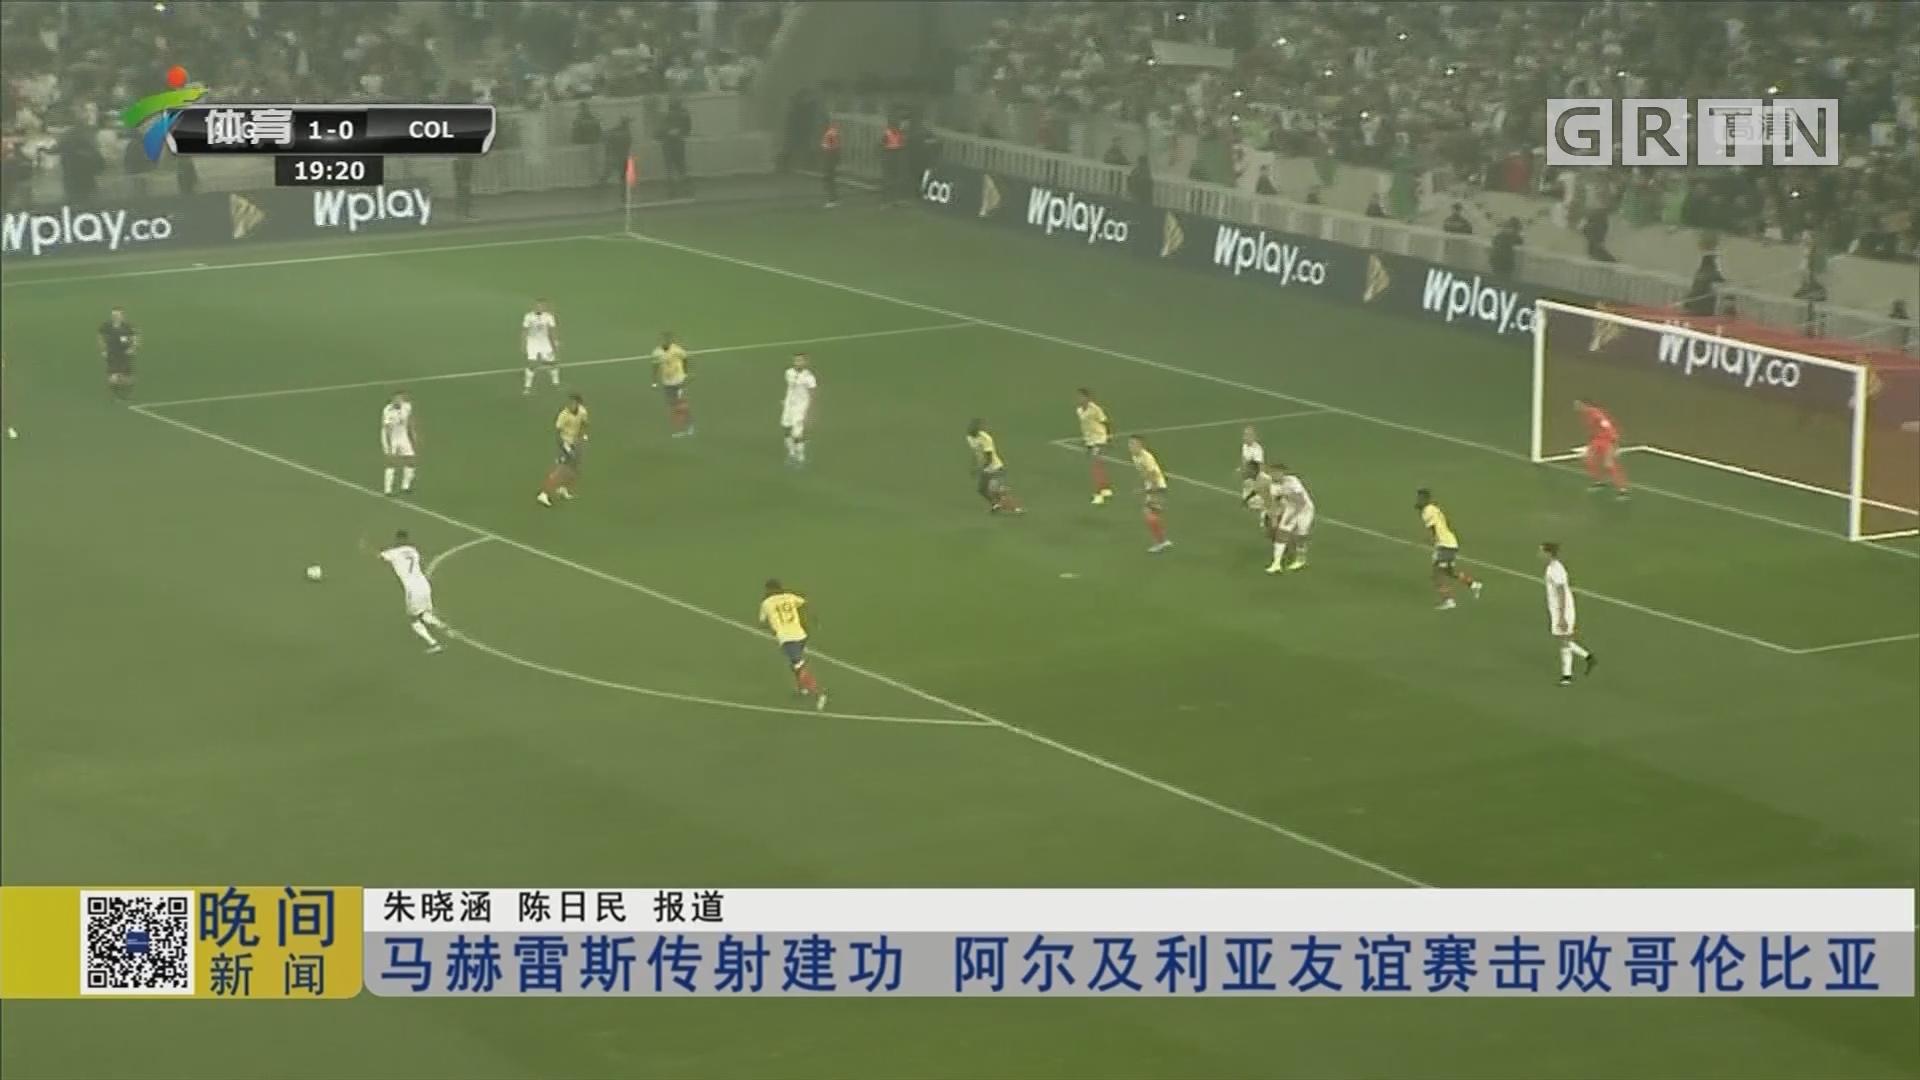 马赫雷斯传射建功 阿尔及利亚友谊赛击败哥伦比亚